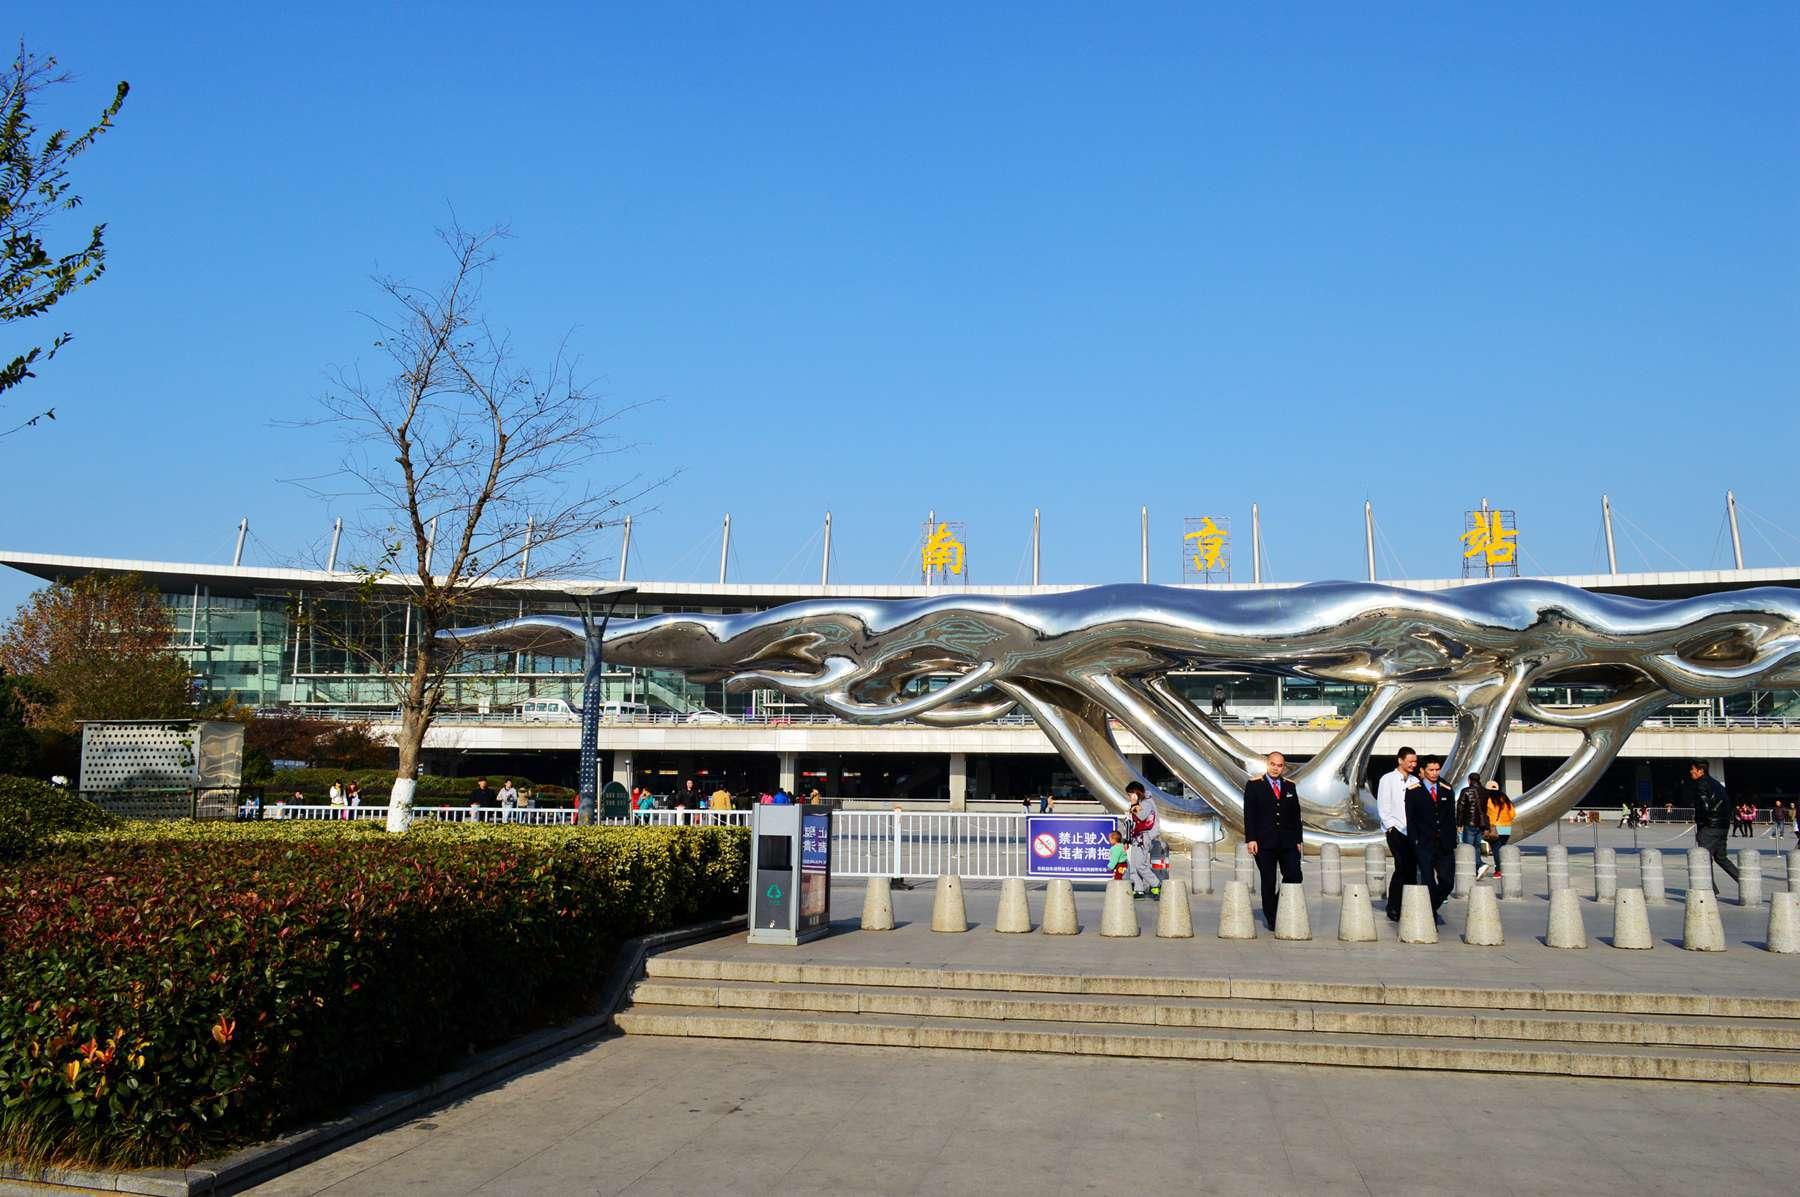 附近餐厅:南京火车站就是南京市中心